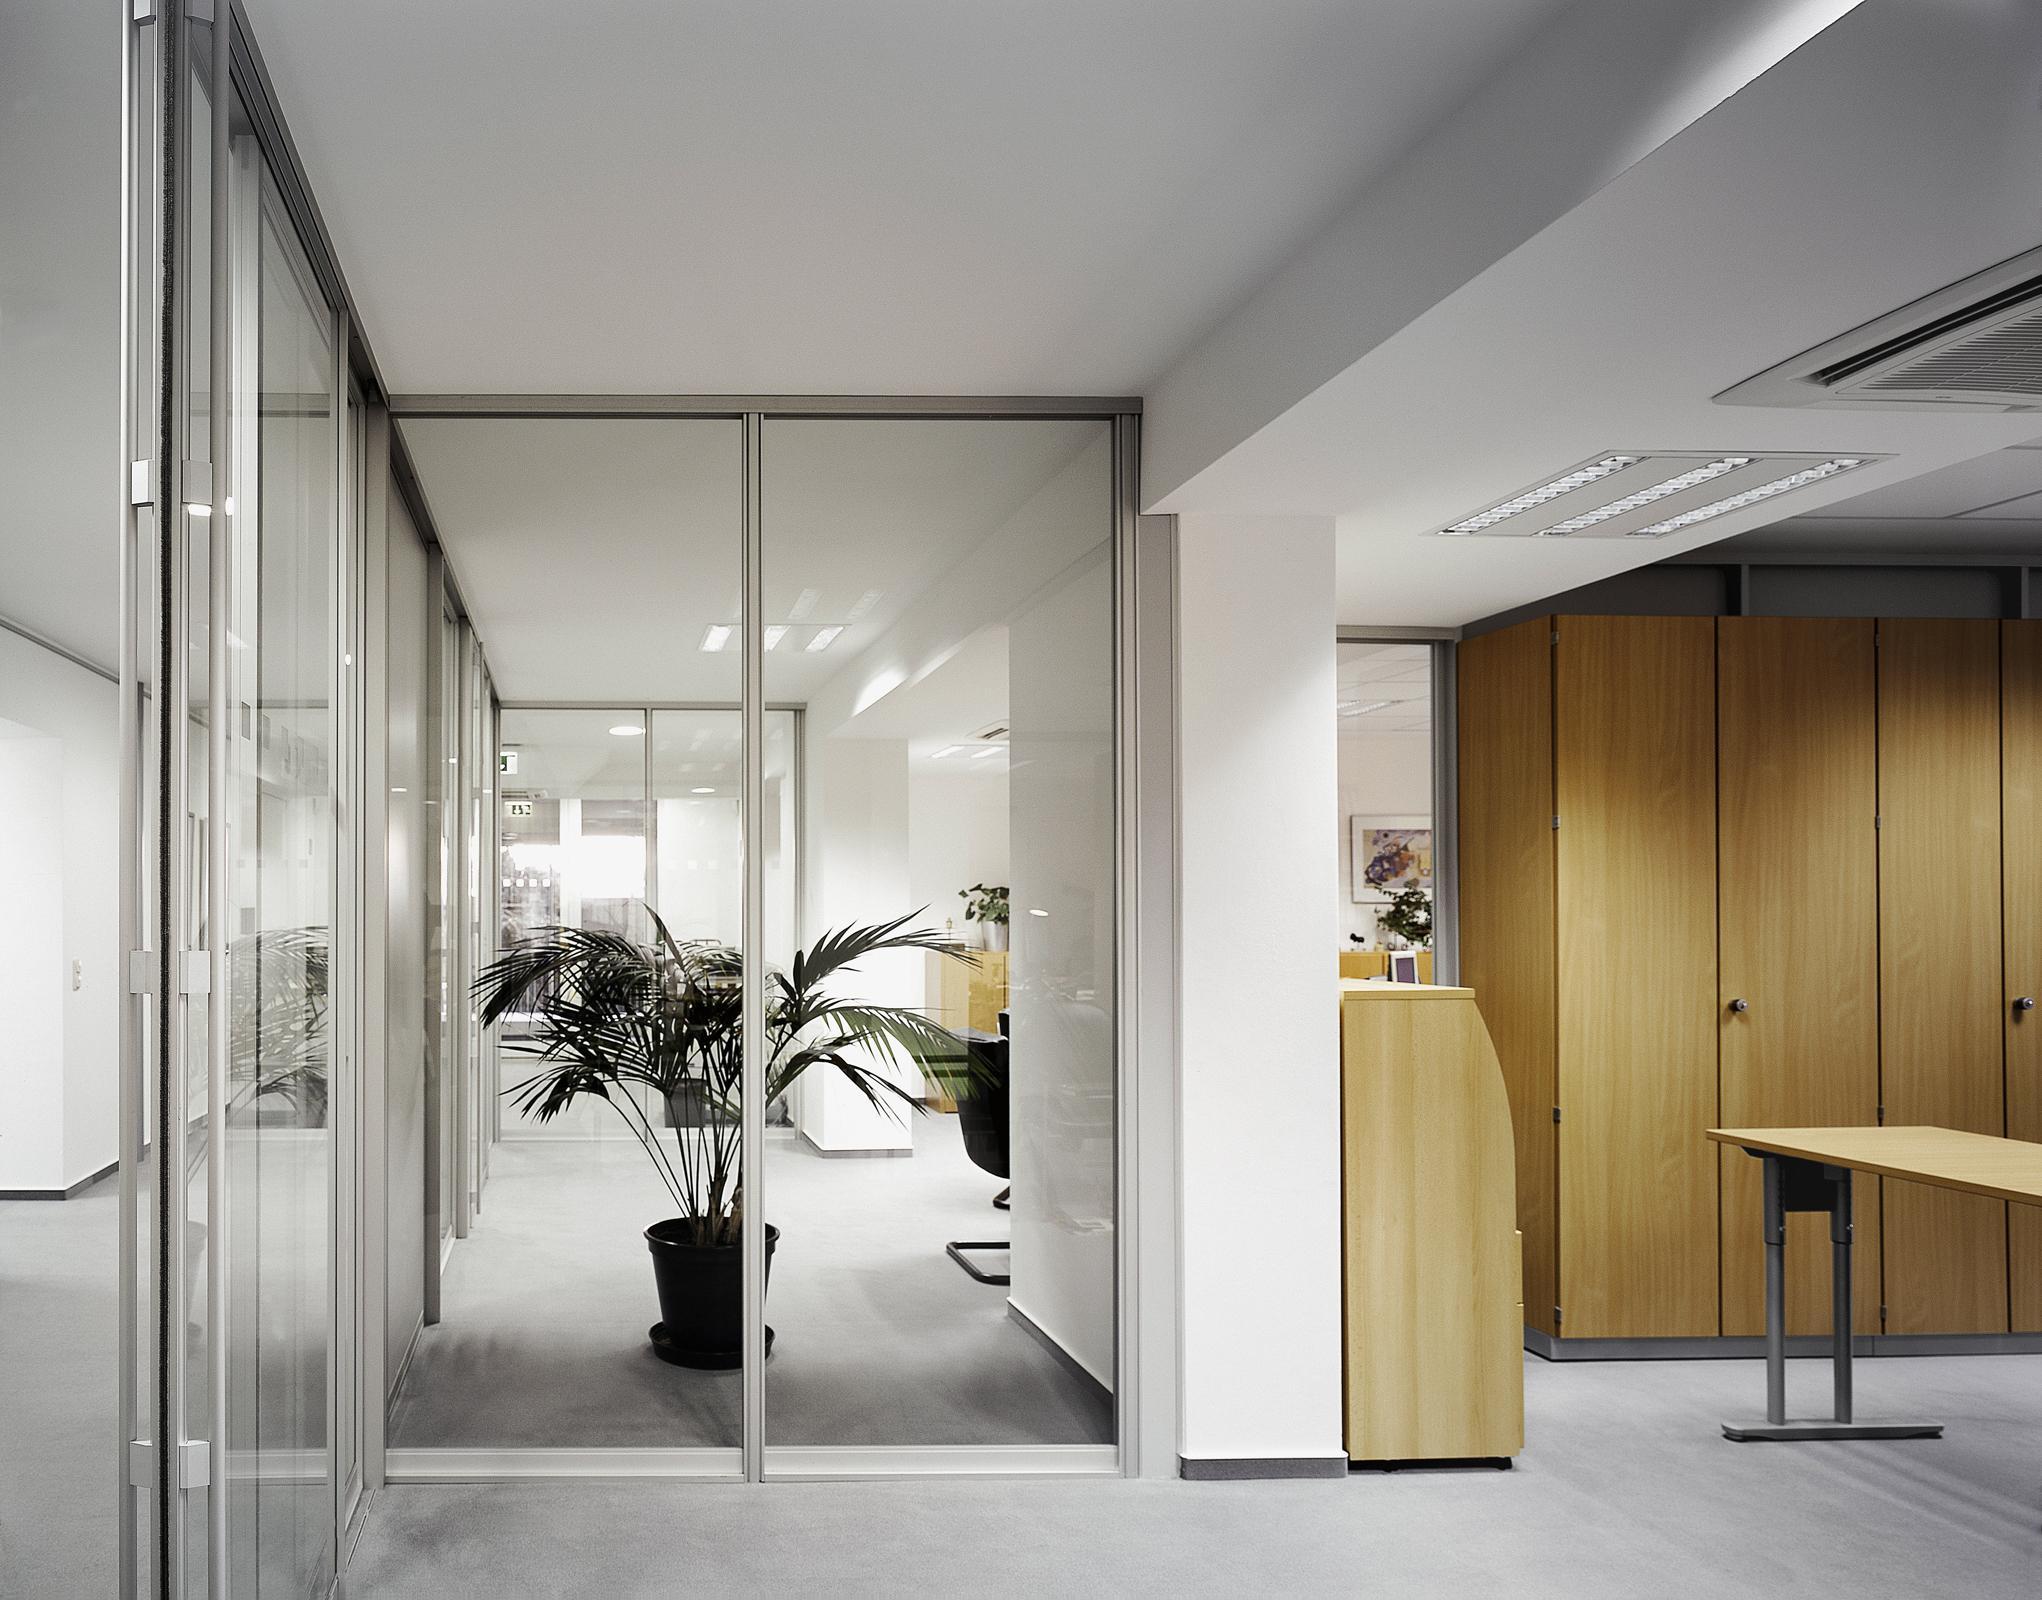 Entzückend Glaswand Wohnzimmer Ideen Von Als Raumtrenner #glaswand #raumteiler #glastür ©